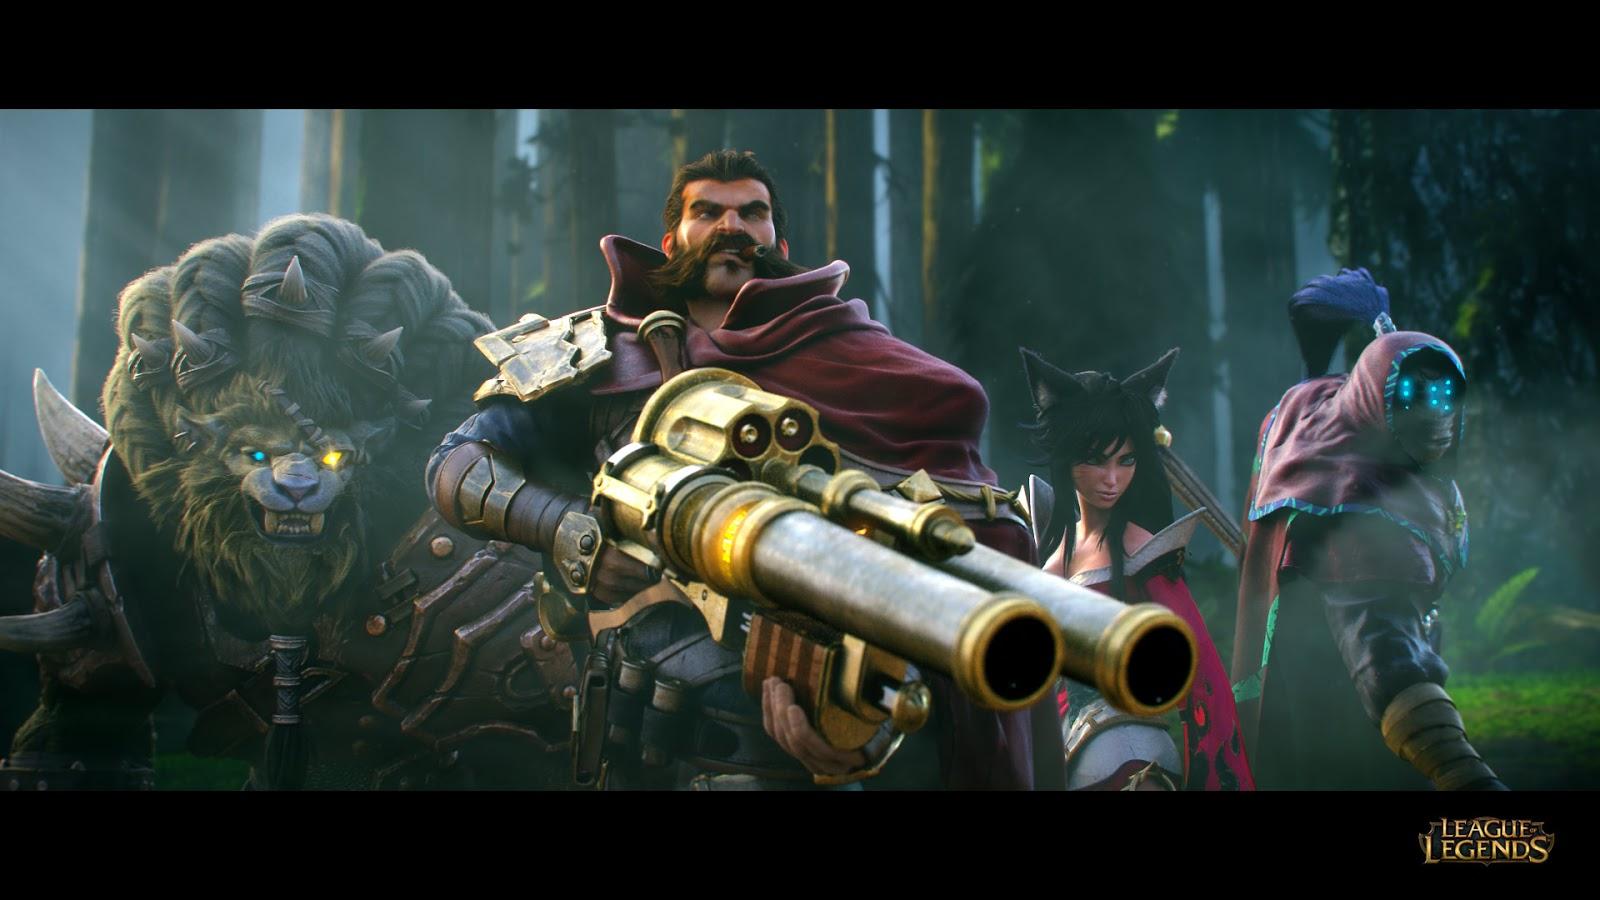 Wallpaper Video Games League Of Legends Grave Rengar